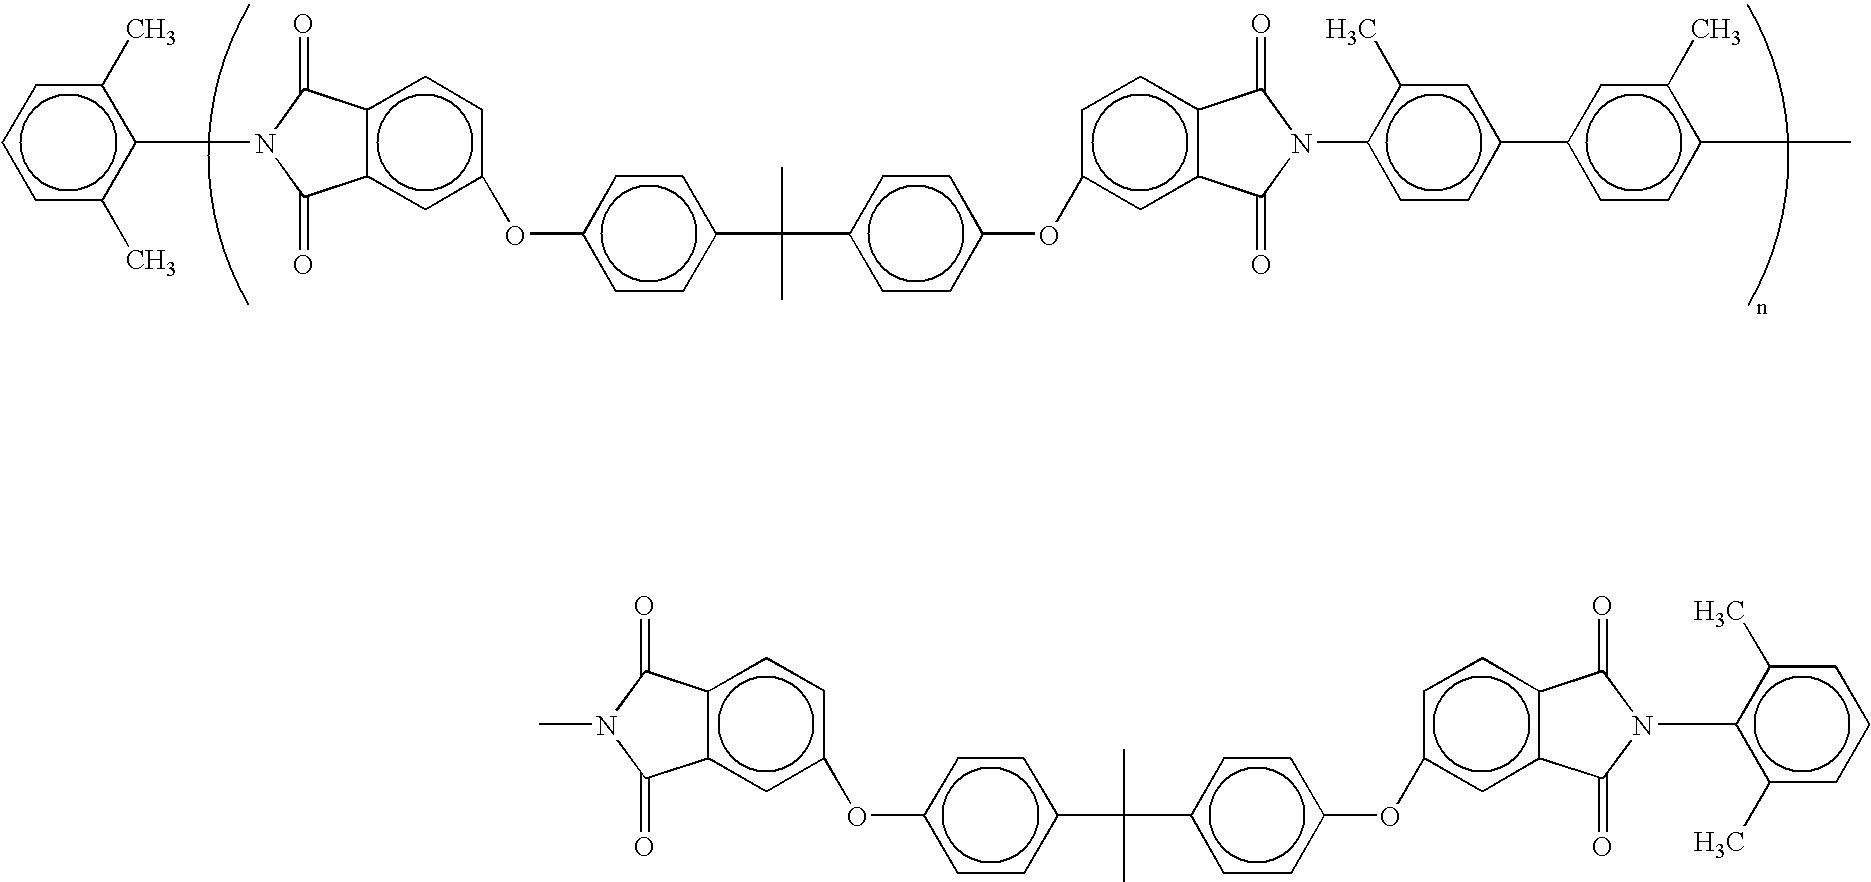 Figure US20090038750A1-20090212-C00015